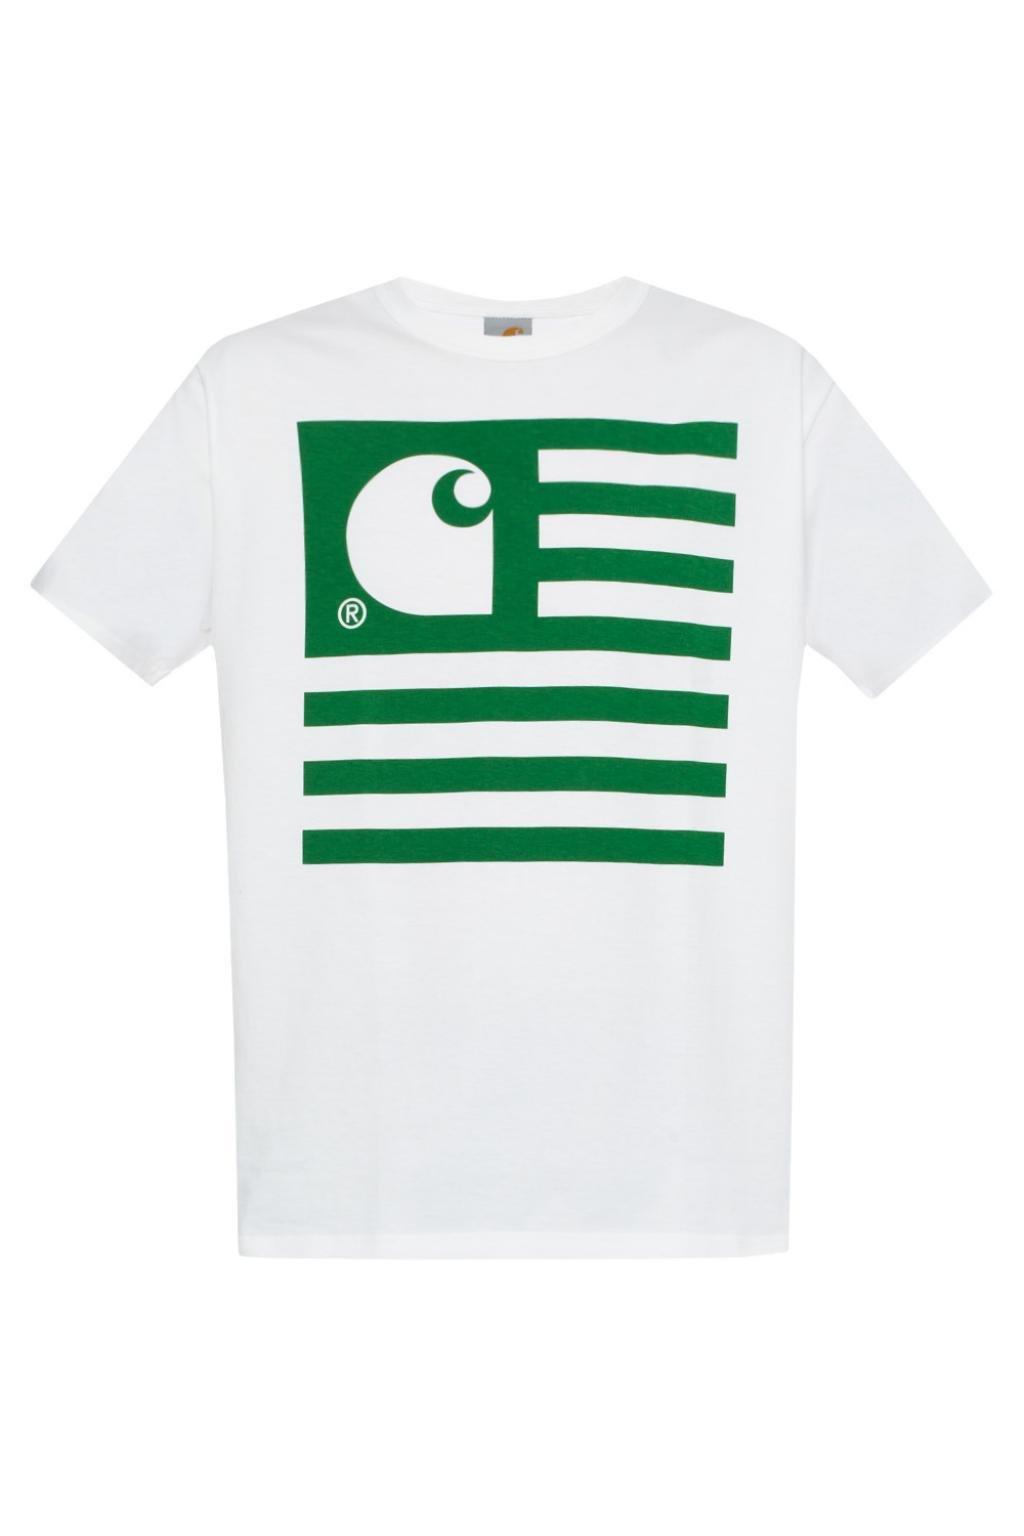 + Levis Printed Cotton-jersey T-shirt - Off-whiteJunya Watanabe Réduction Des Achats En Ligne Ordre D'achat Pas Cher Avant Meilleure Vente En Gros En Ligne aSy05t7q